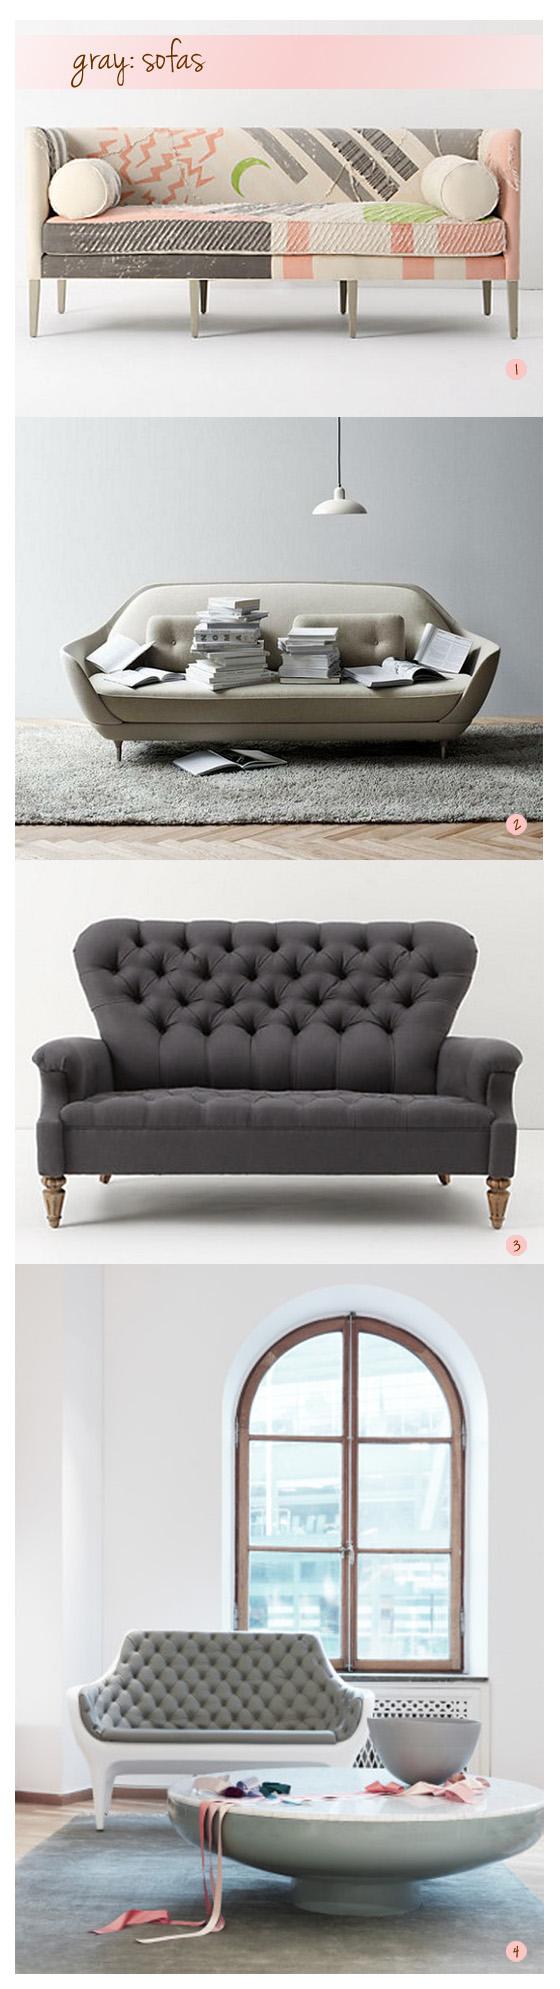 sofa35